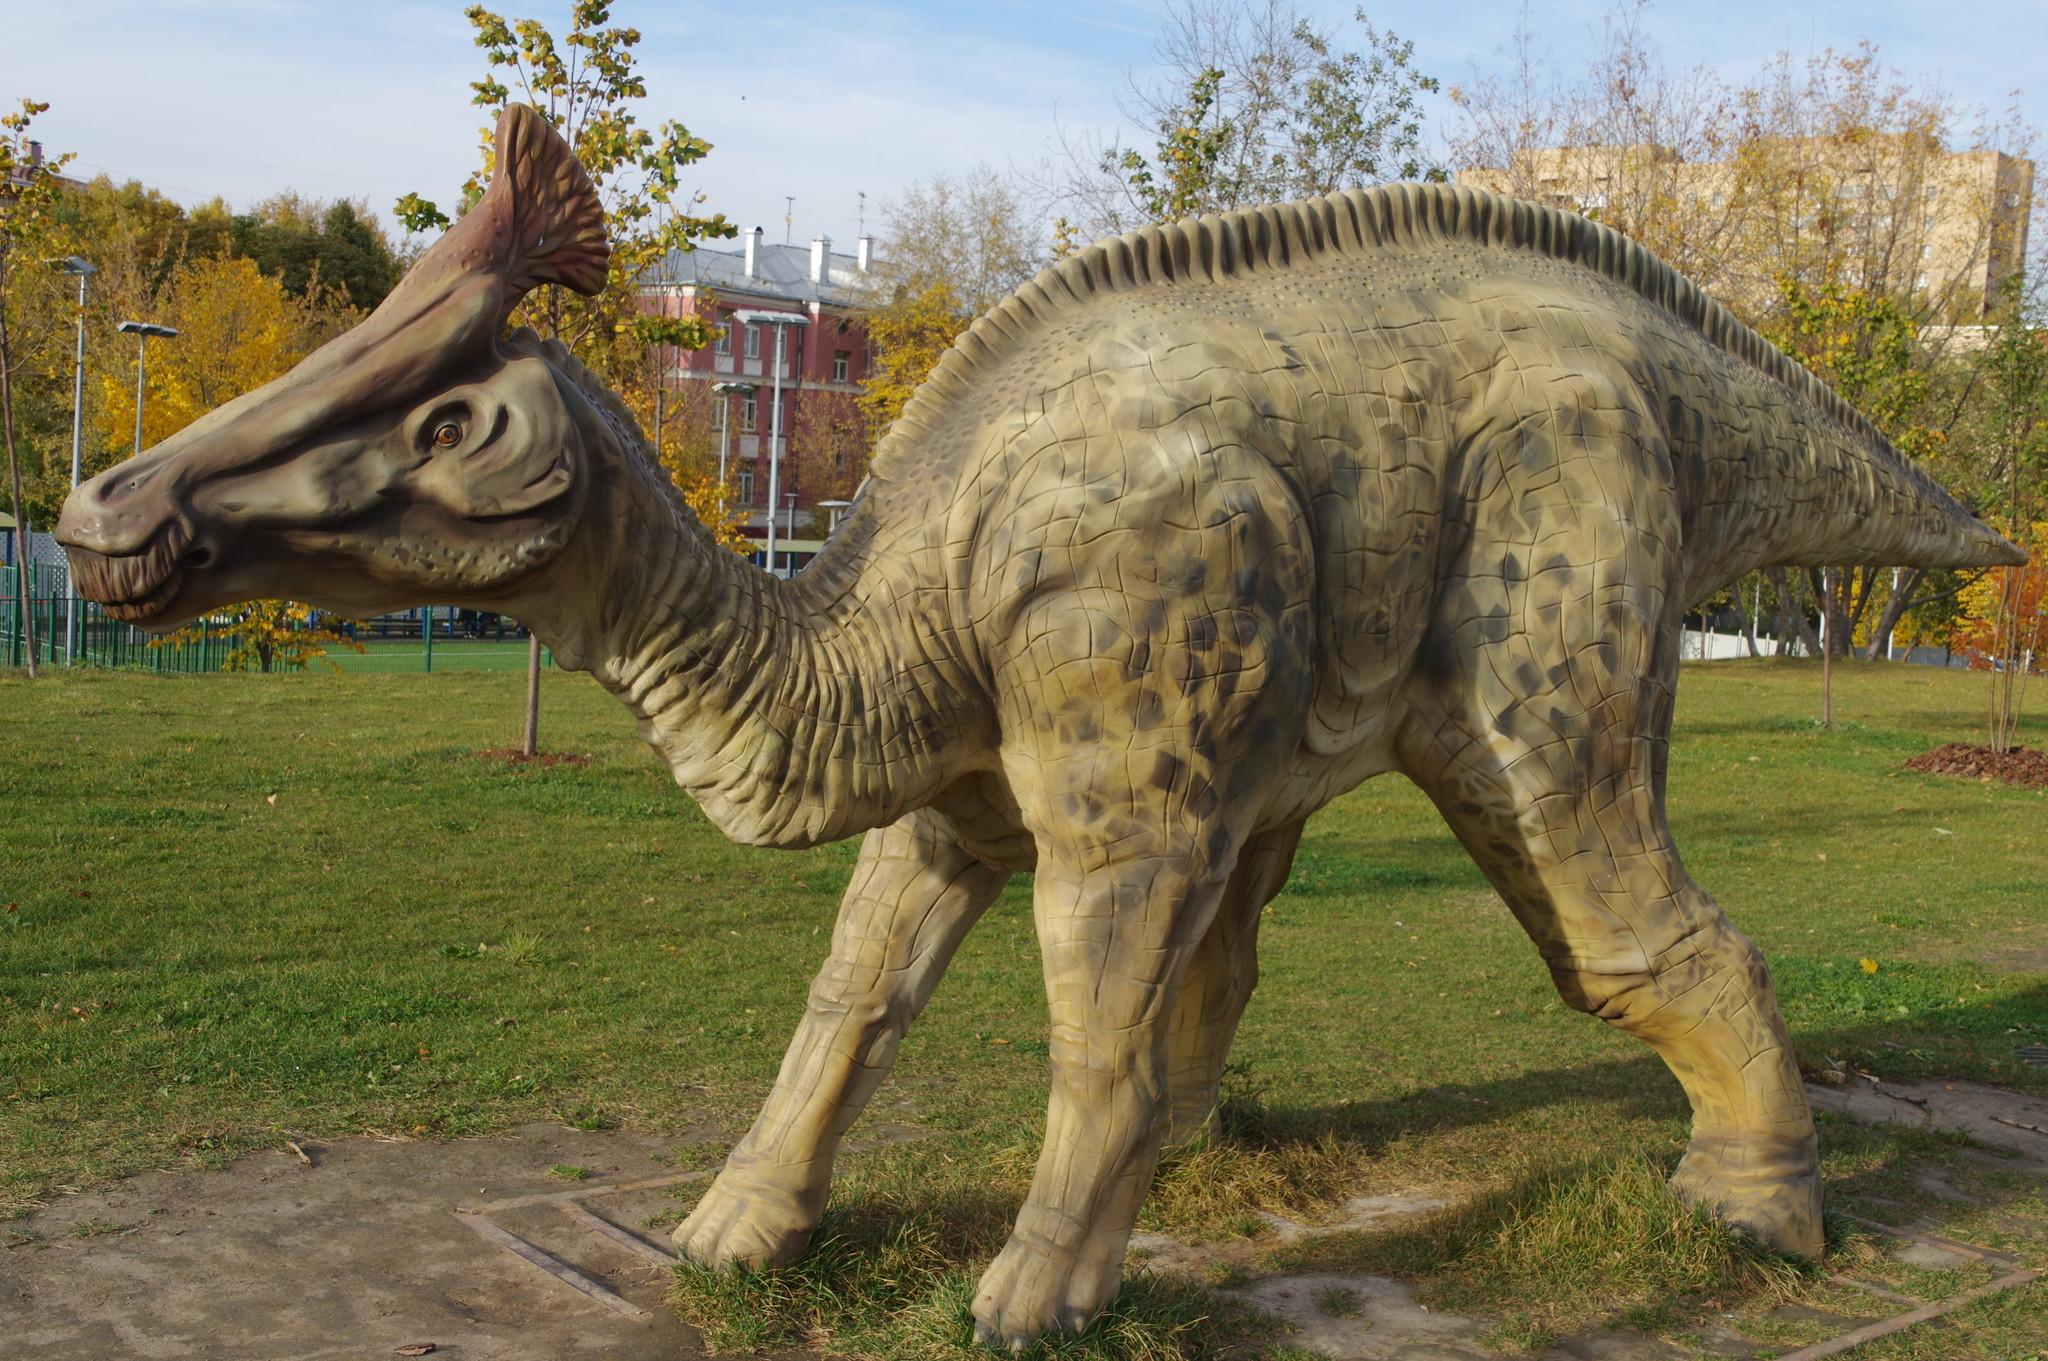 Олоротитан (лат. Olorotitan, буквально - лебедь-титан) в парке «Академический» на юго-западе Москвы